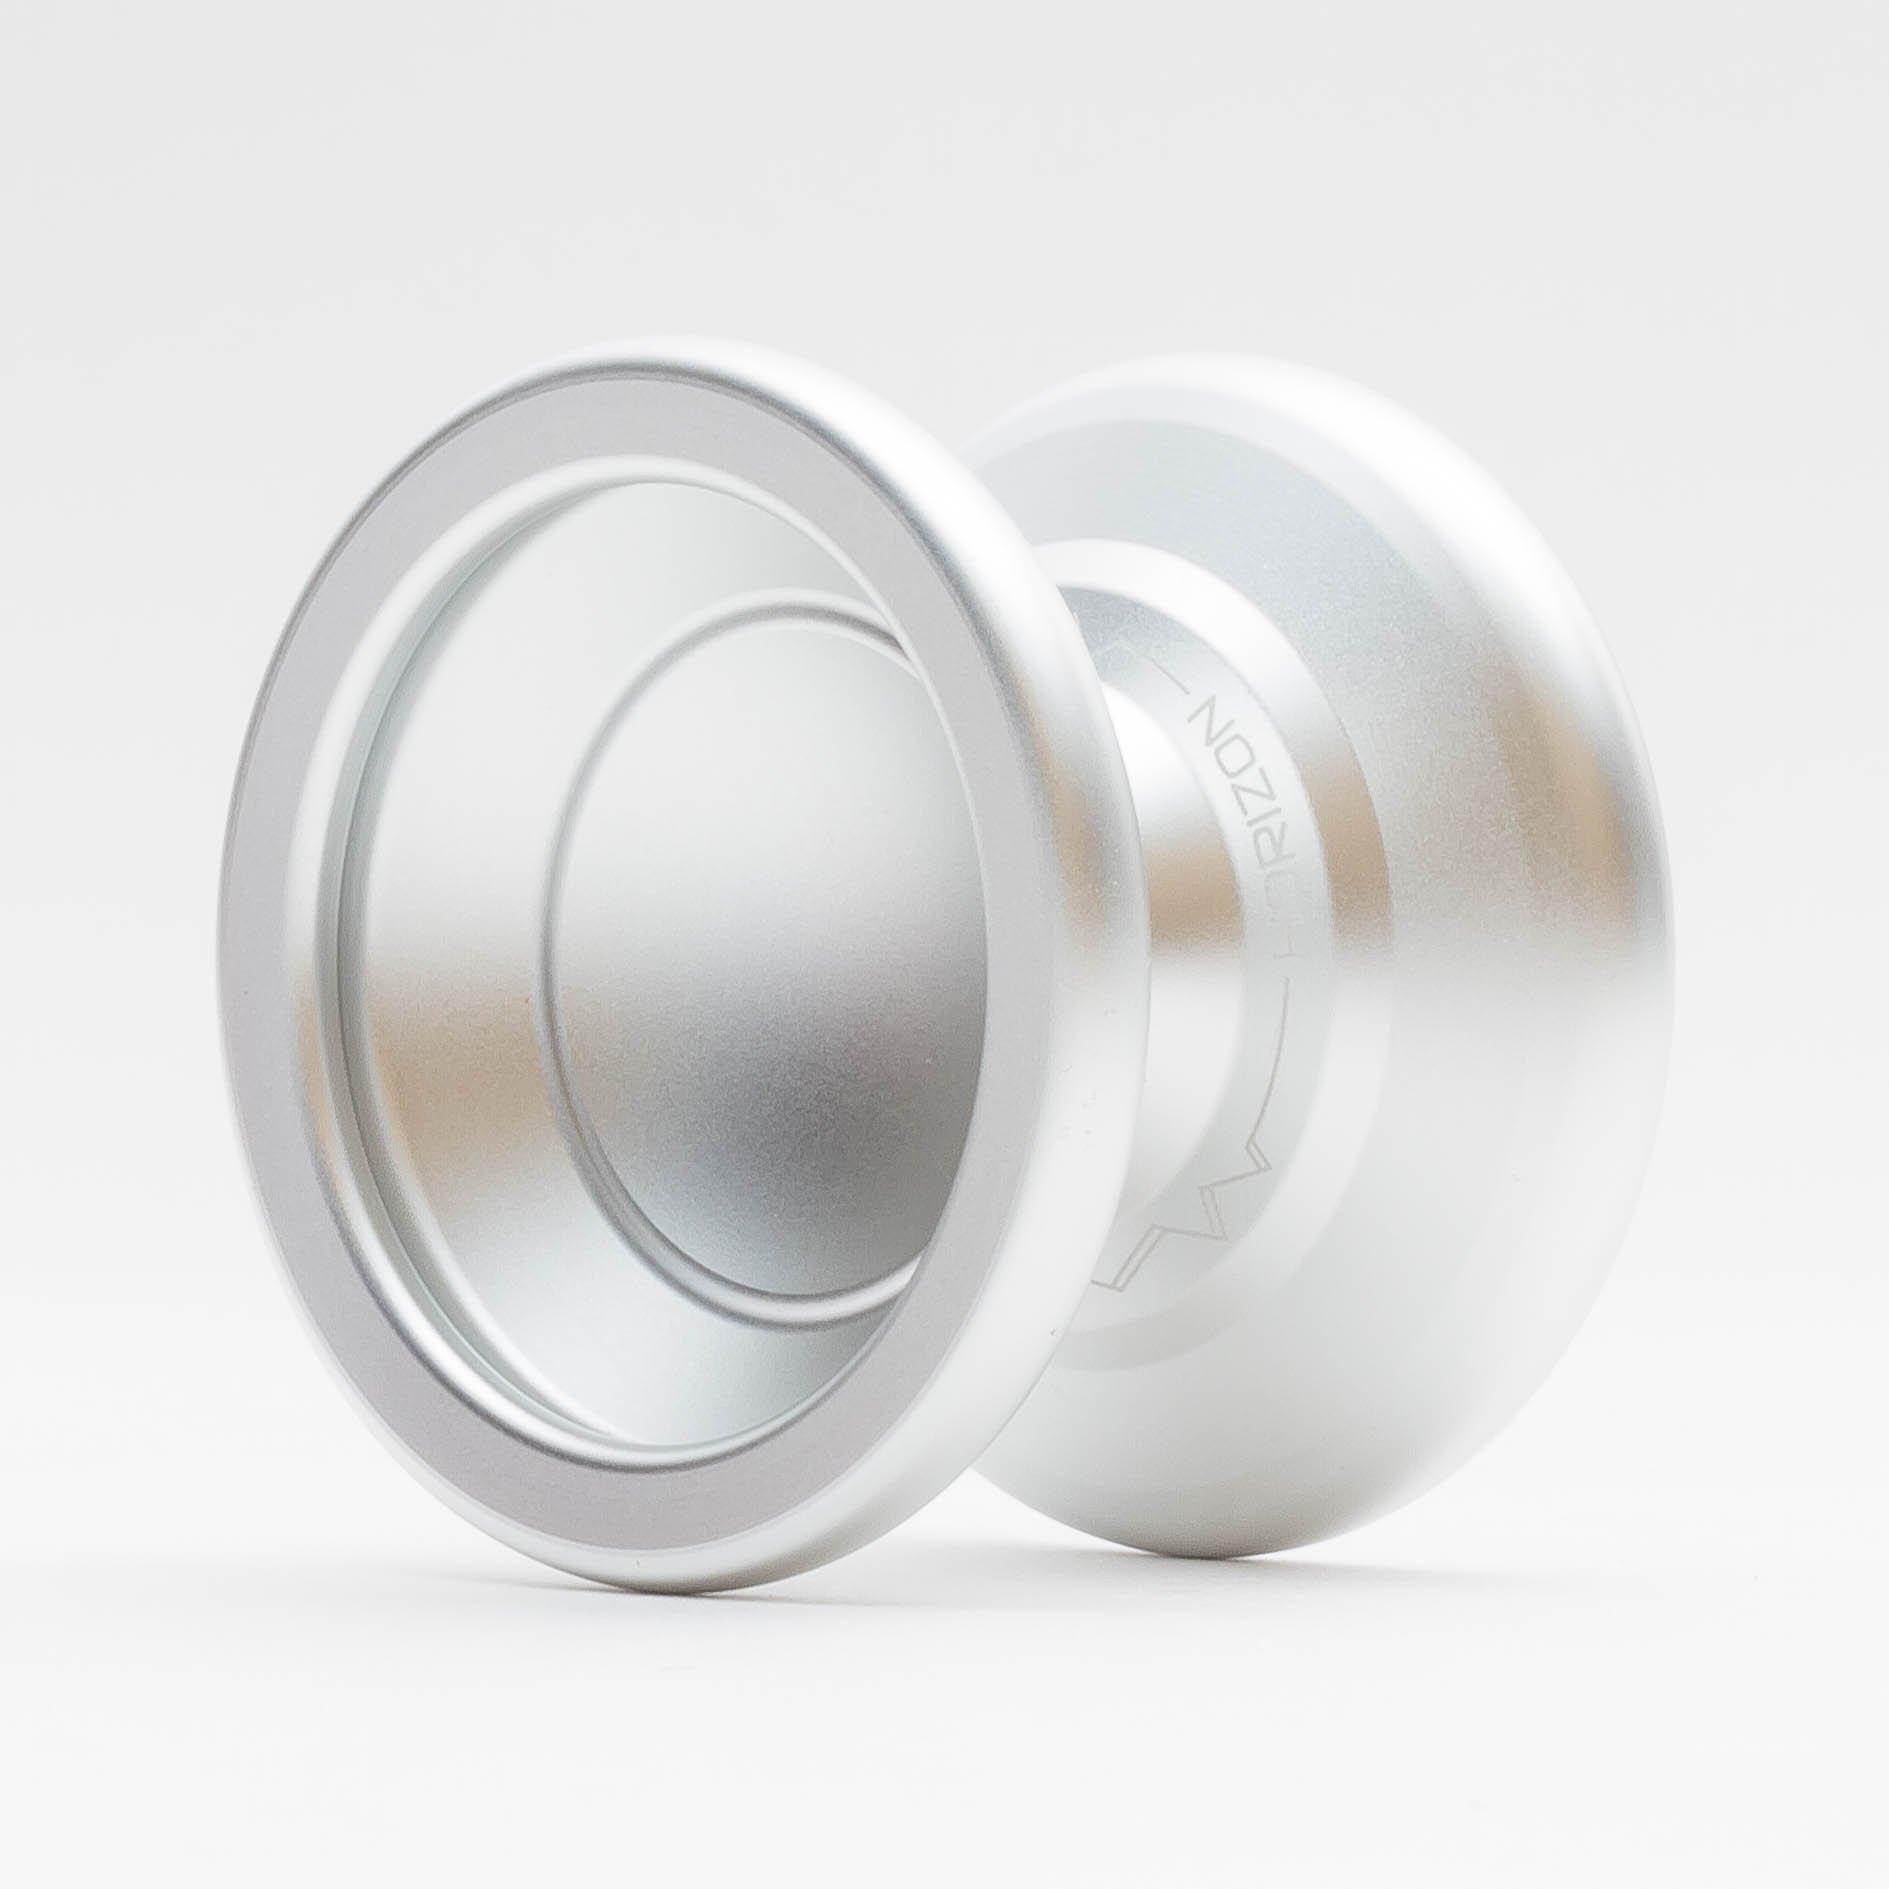 YoYoFactory Horizon- Oversized Unresponsive yoyo- Silver